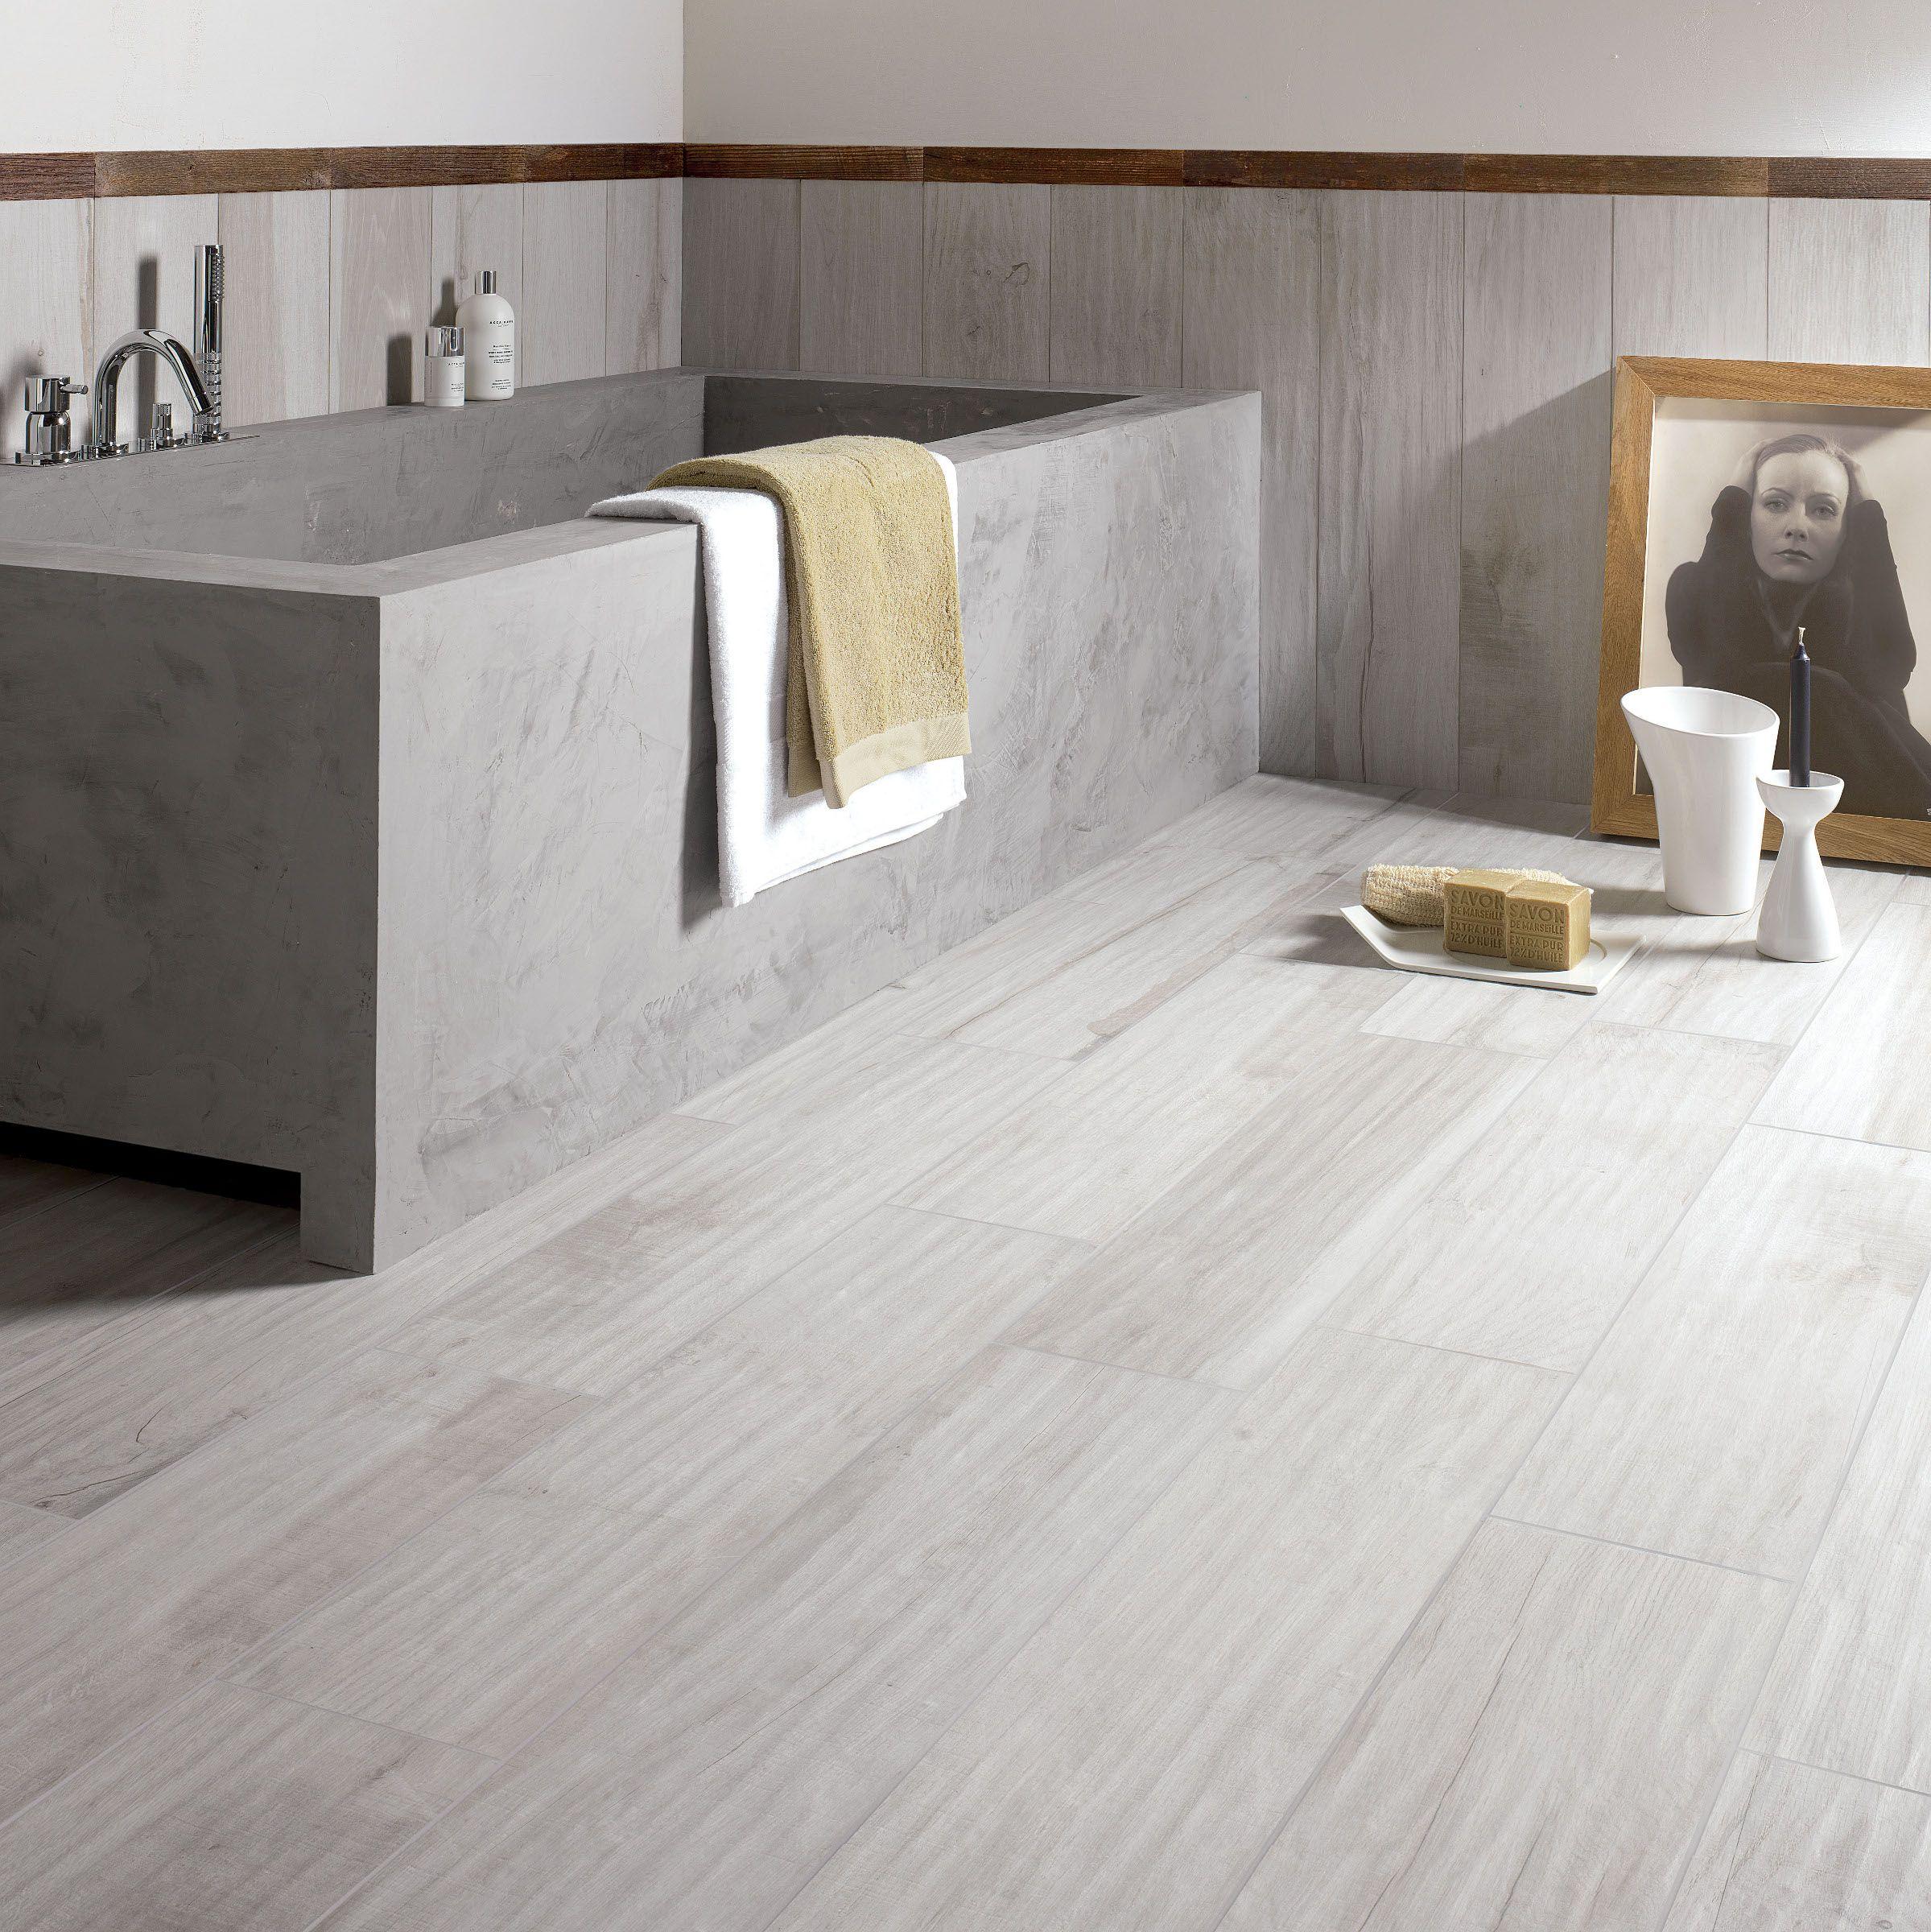 Pavimenti in gres effetto legno grigio cerca con google - Bagno con gres effetto legno ...